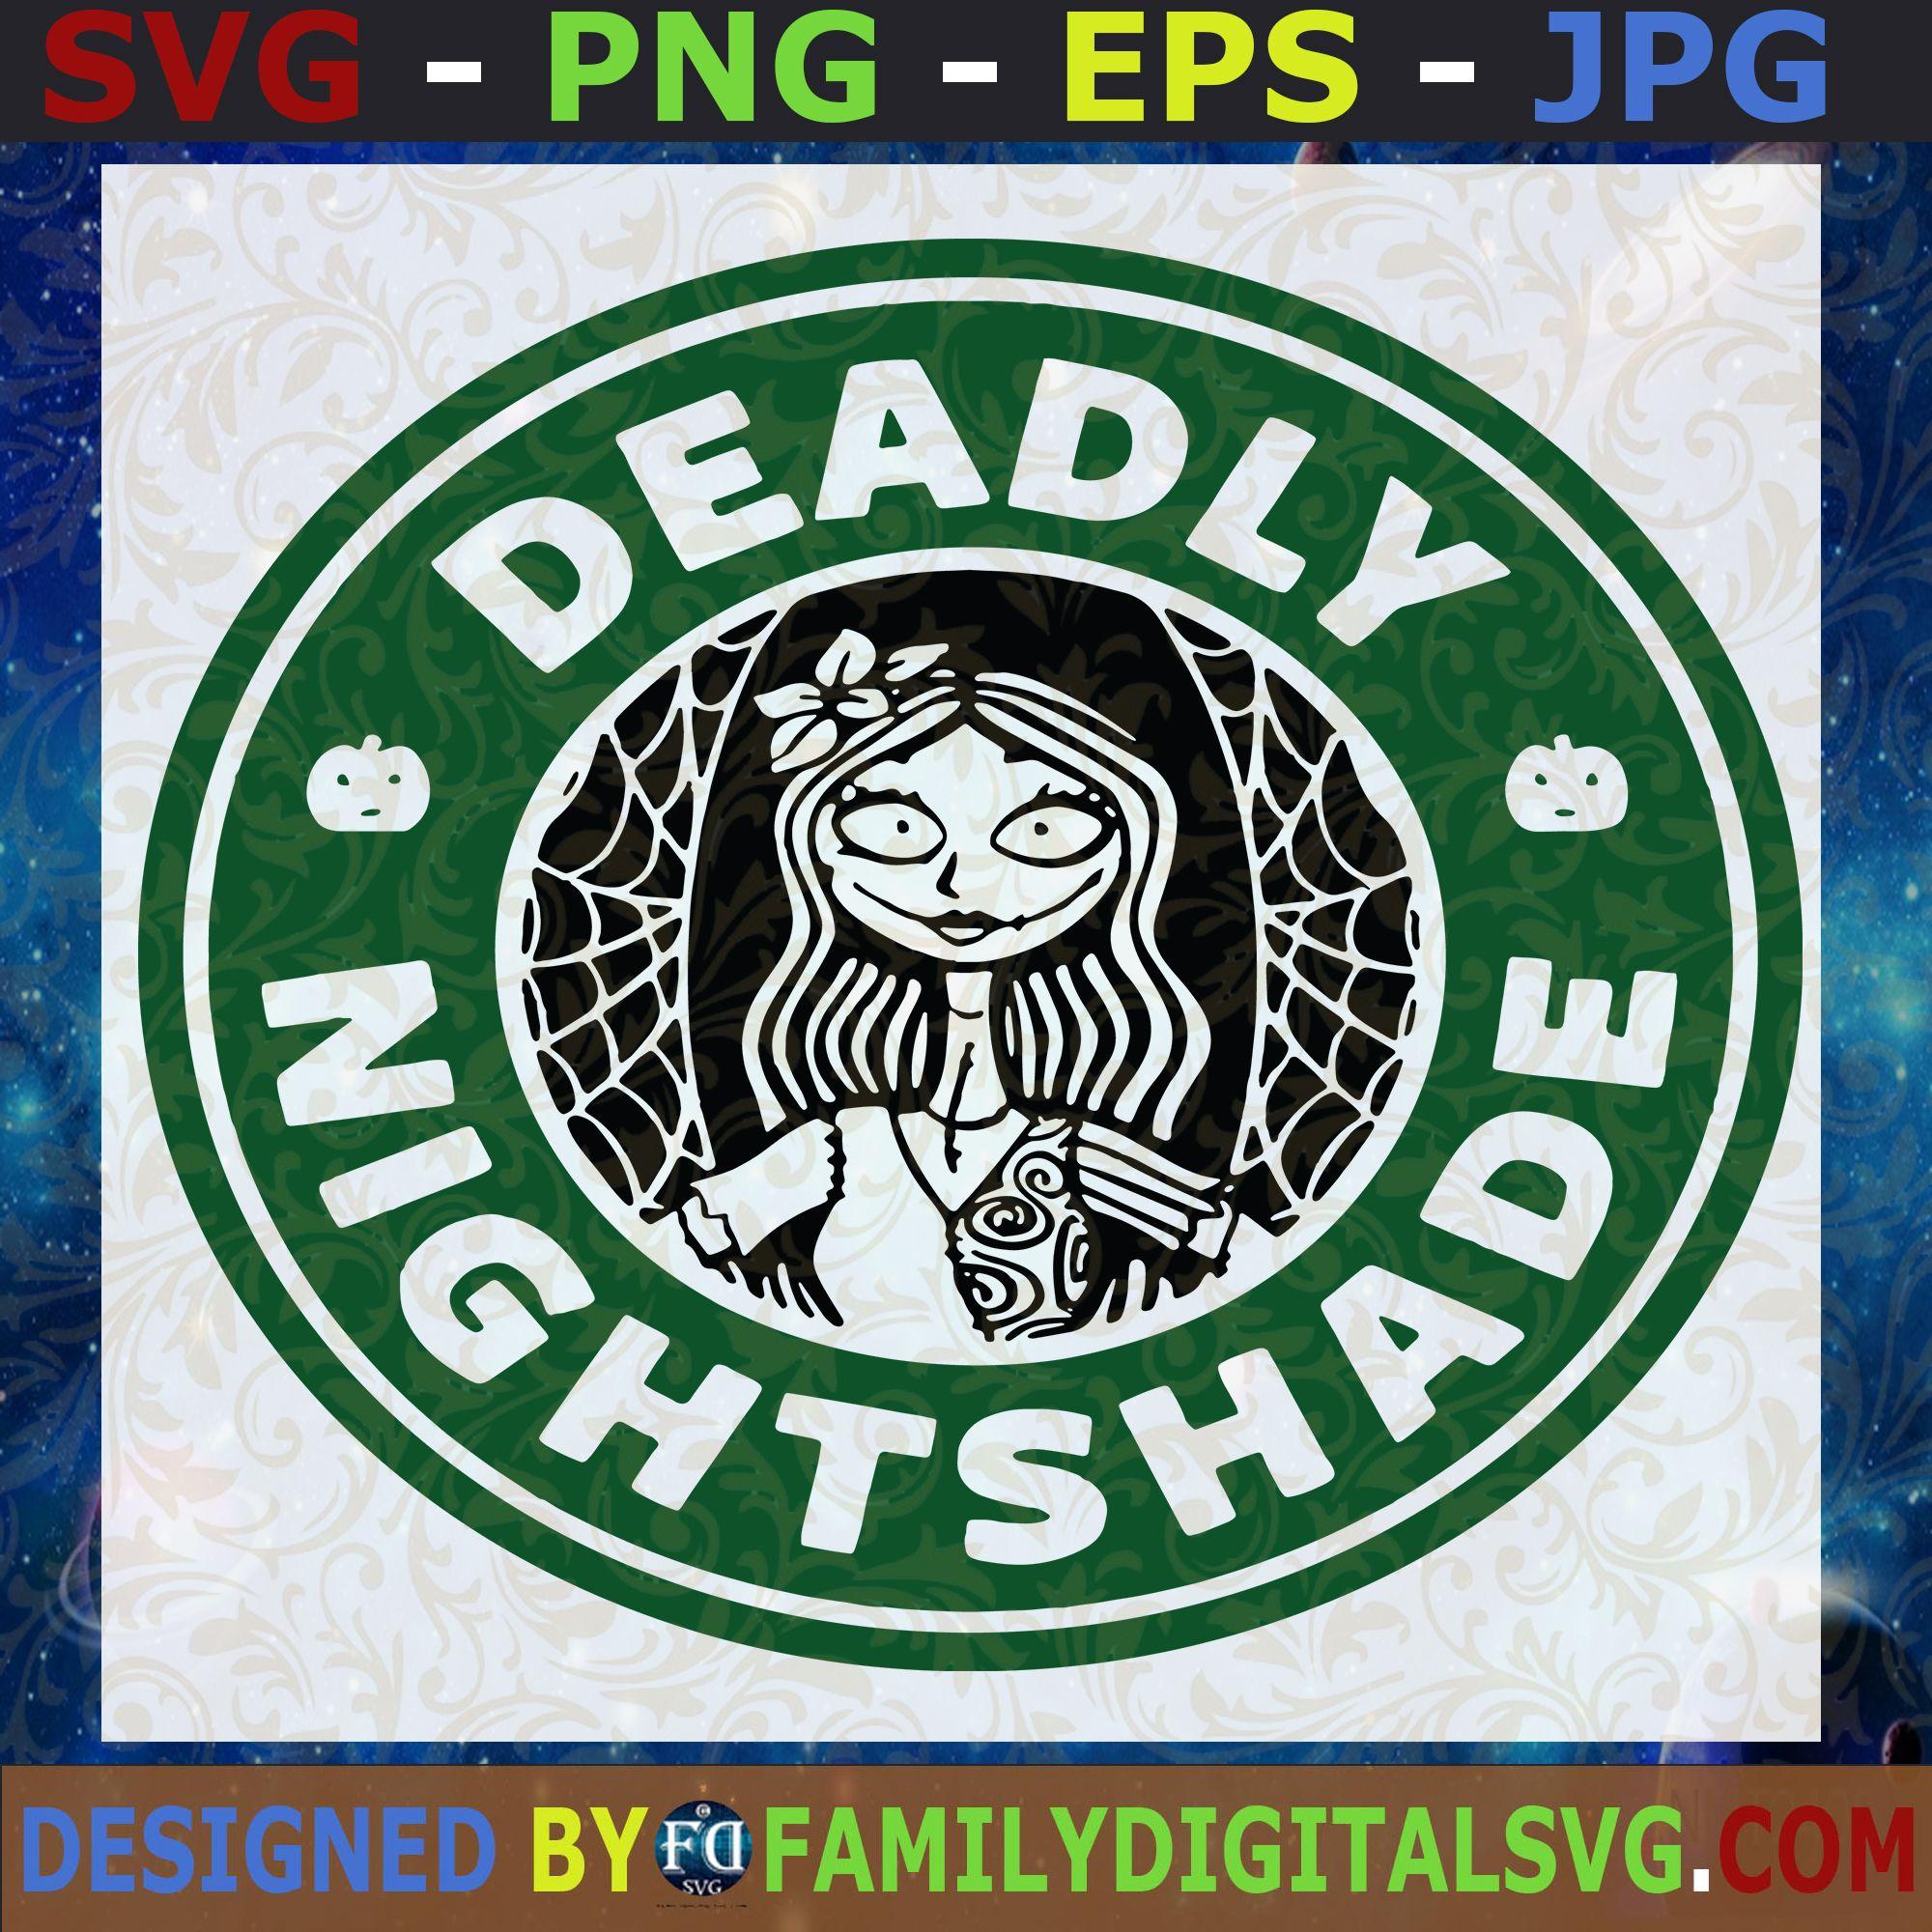 Deadly svg, nightshade svg, Starbucks SVG Starbucks